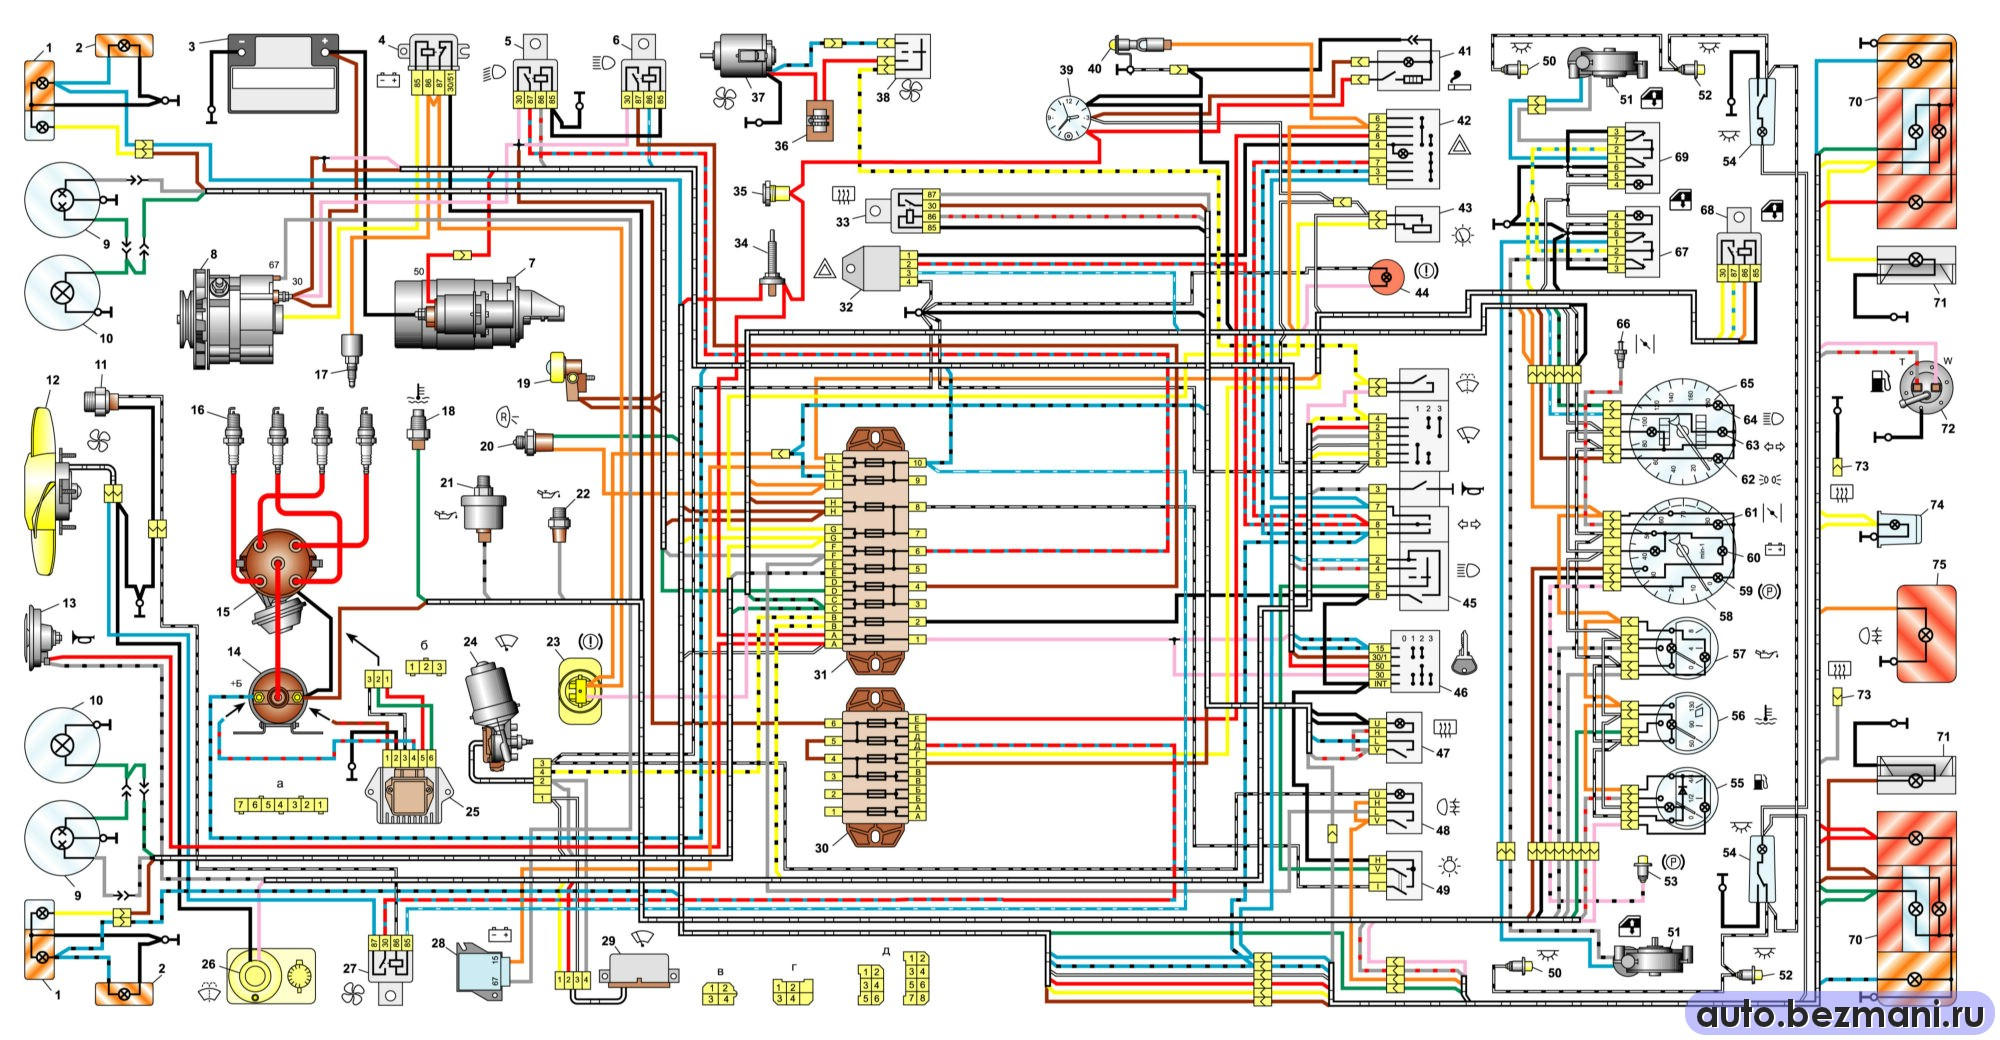 электрическая схема автомобилей ВАЗ-2106, ВАЗ-21061, ВАЗ-21063 выпуска 1988-2001 гг